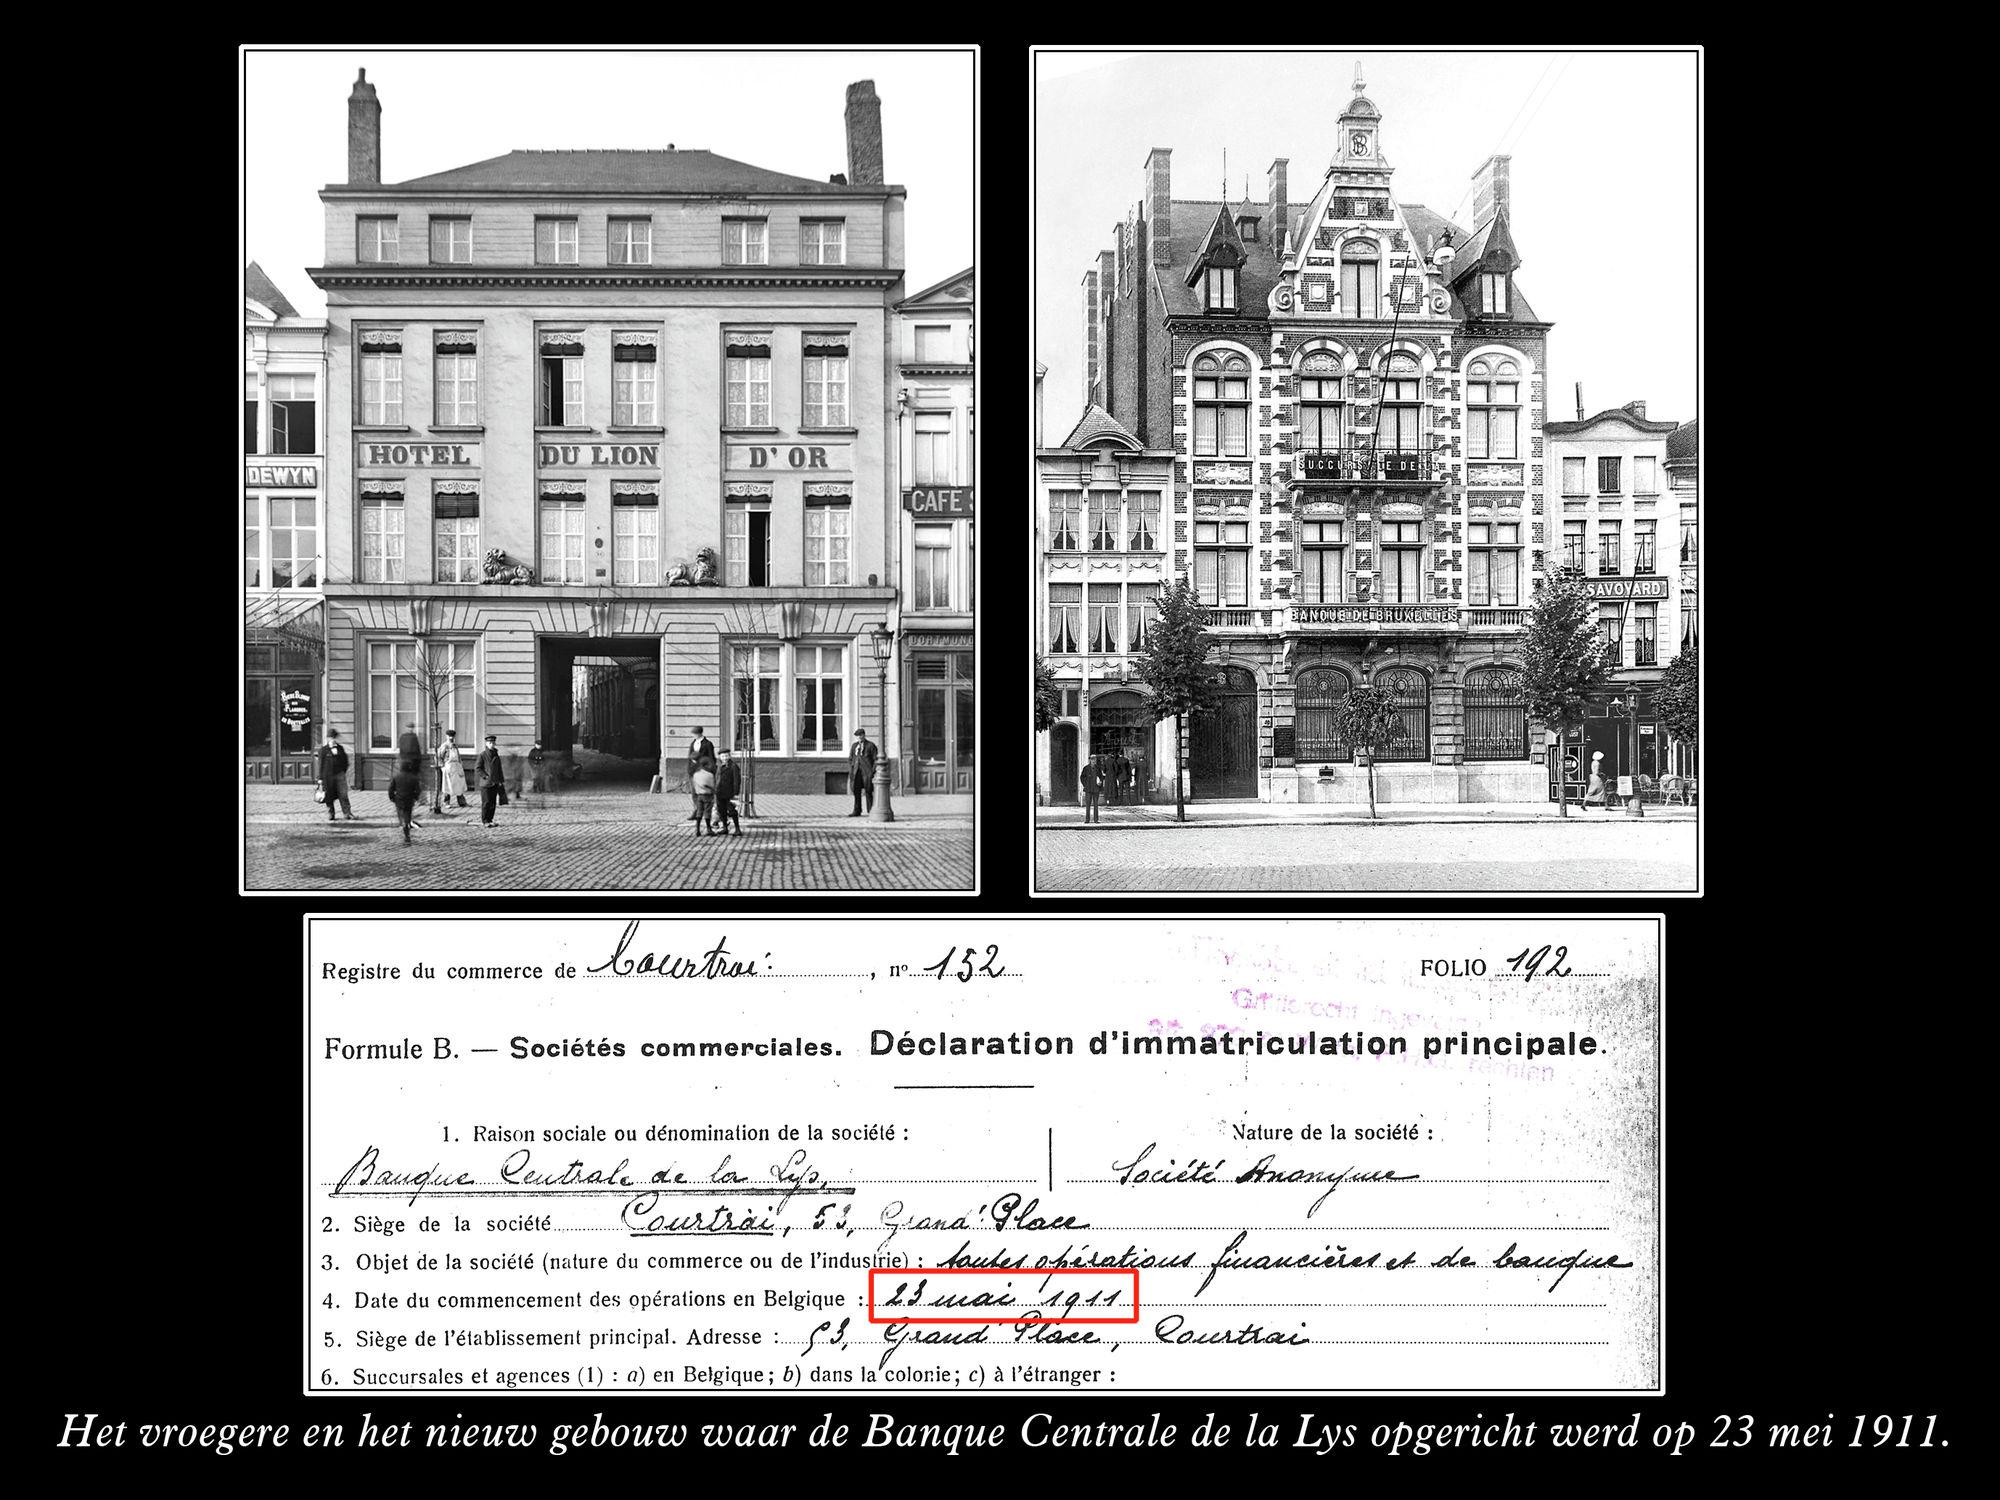 Banque Centrale de la Lys